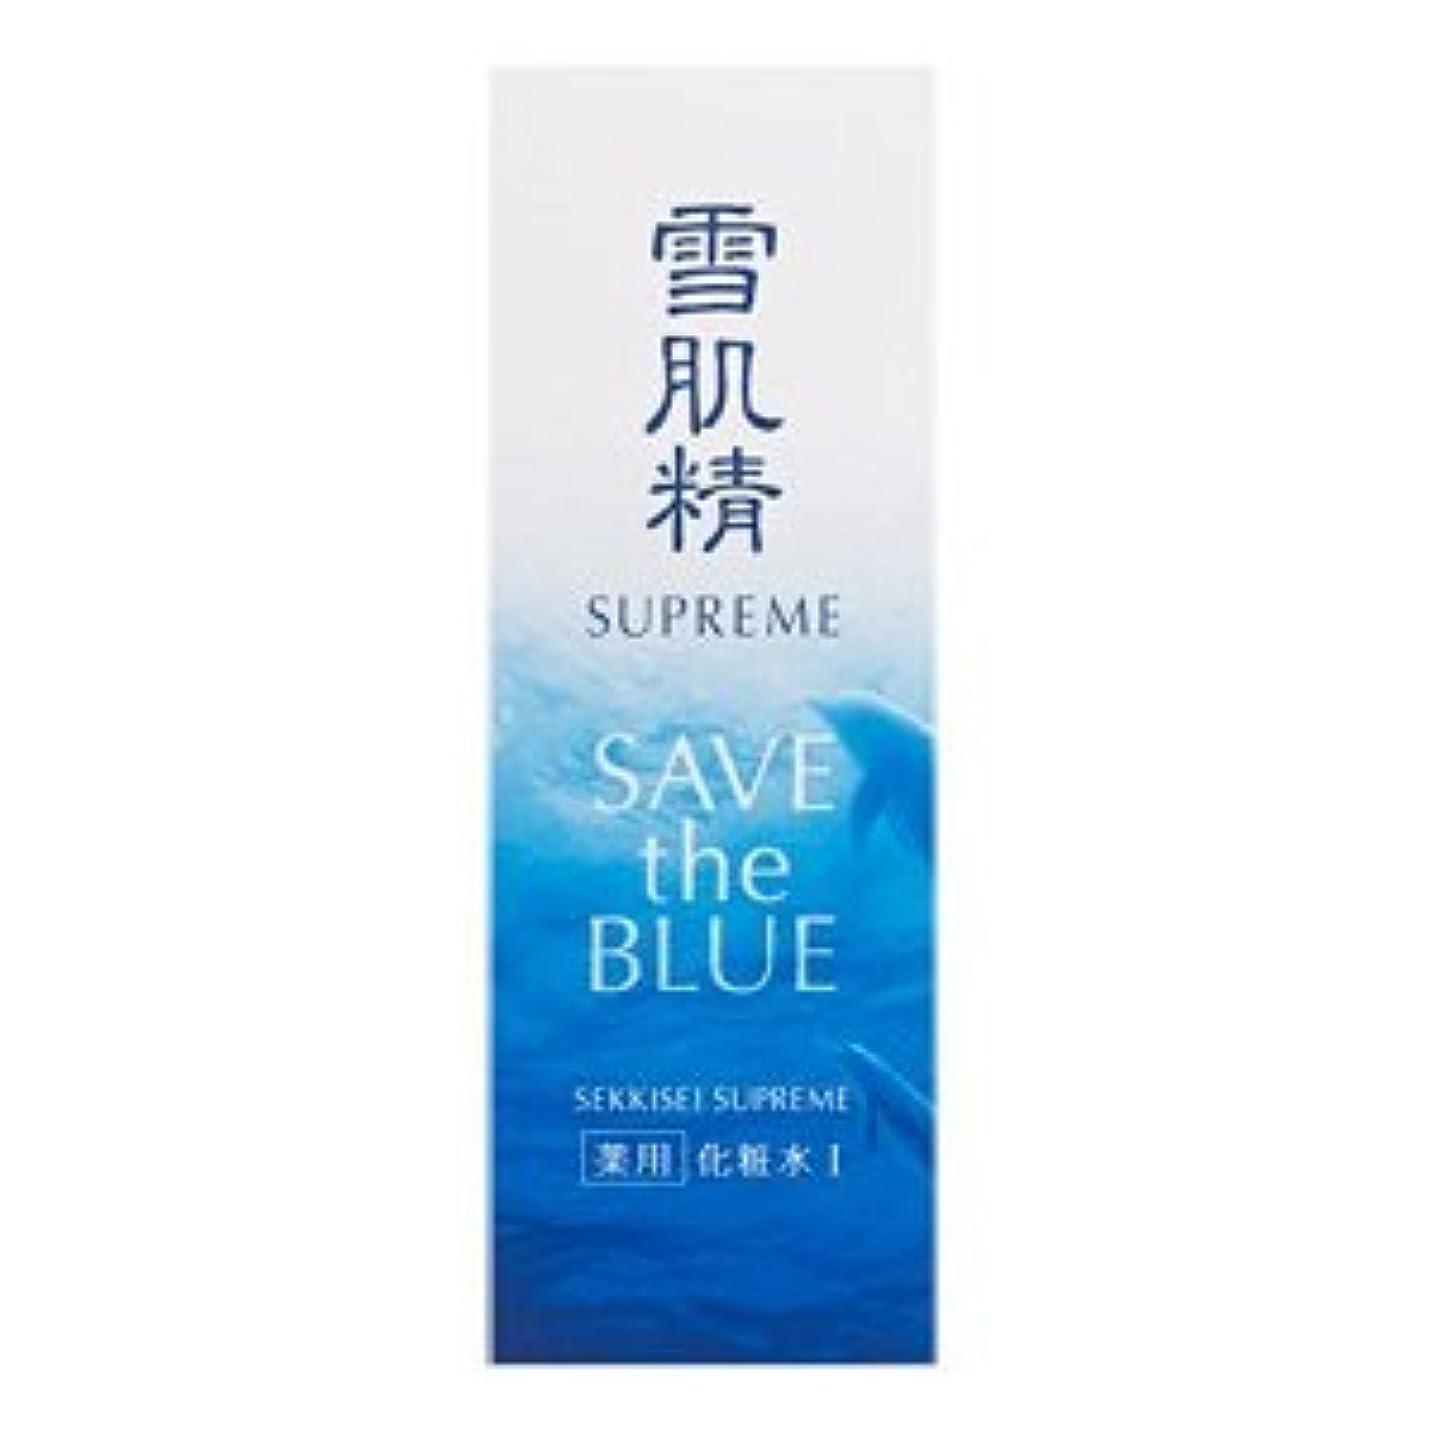 パッケージ不当嫉妬コーセー 雪肌精 シュープレム 化粧水 Ⅰ みずみずしいうるおい 400ml アウトレット